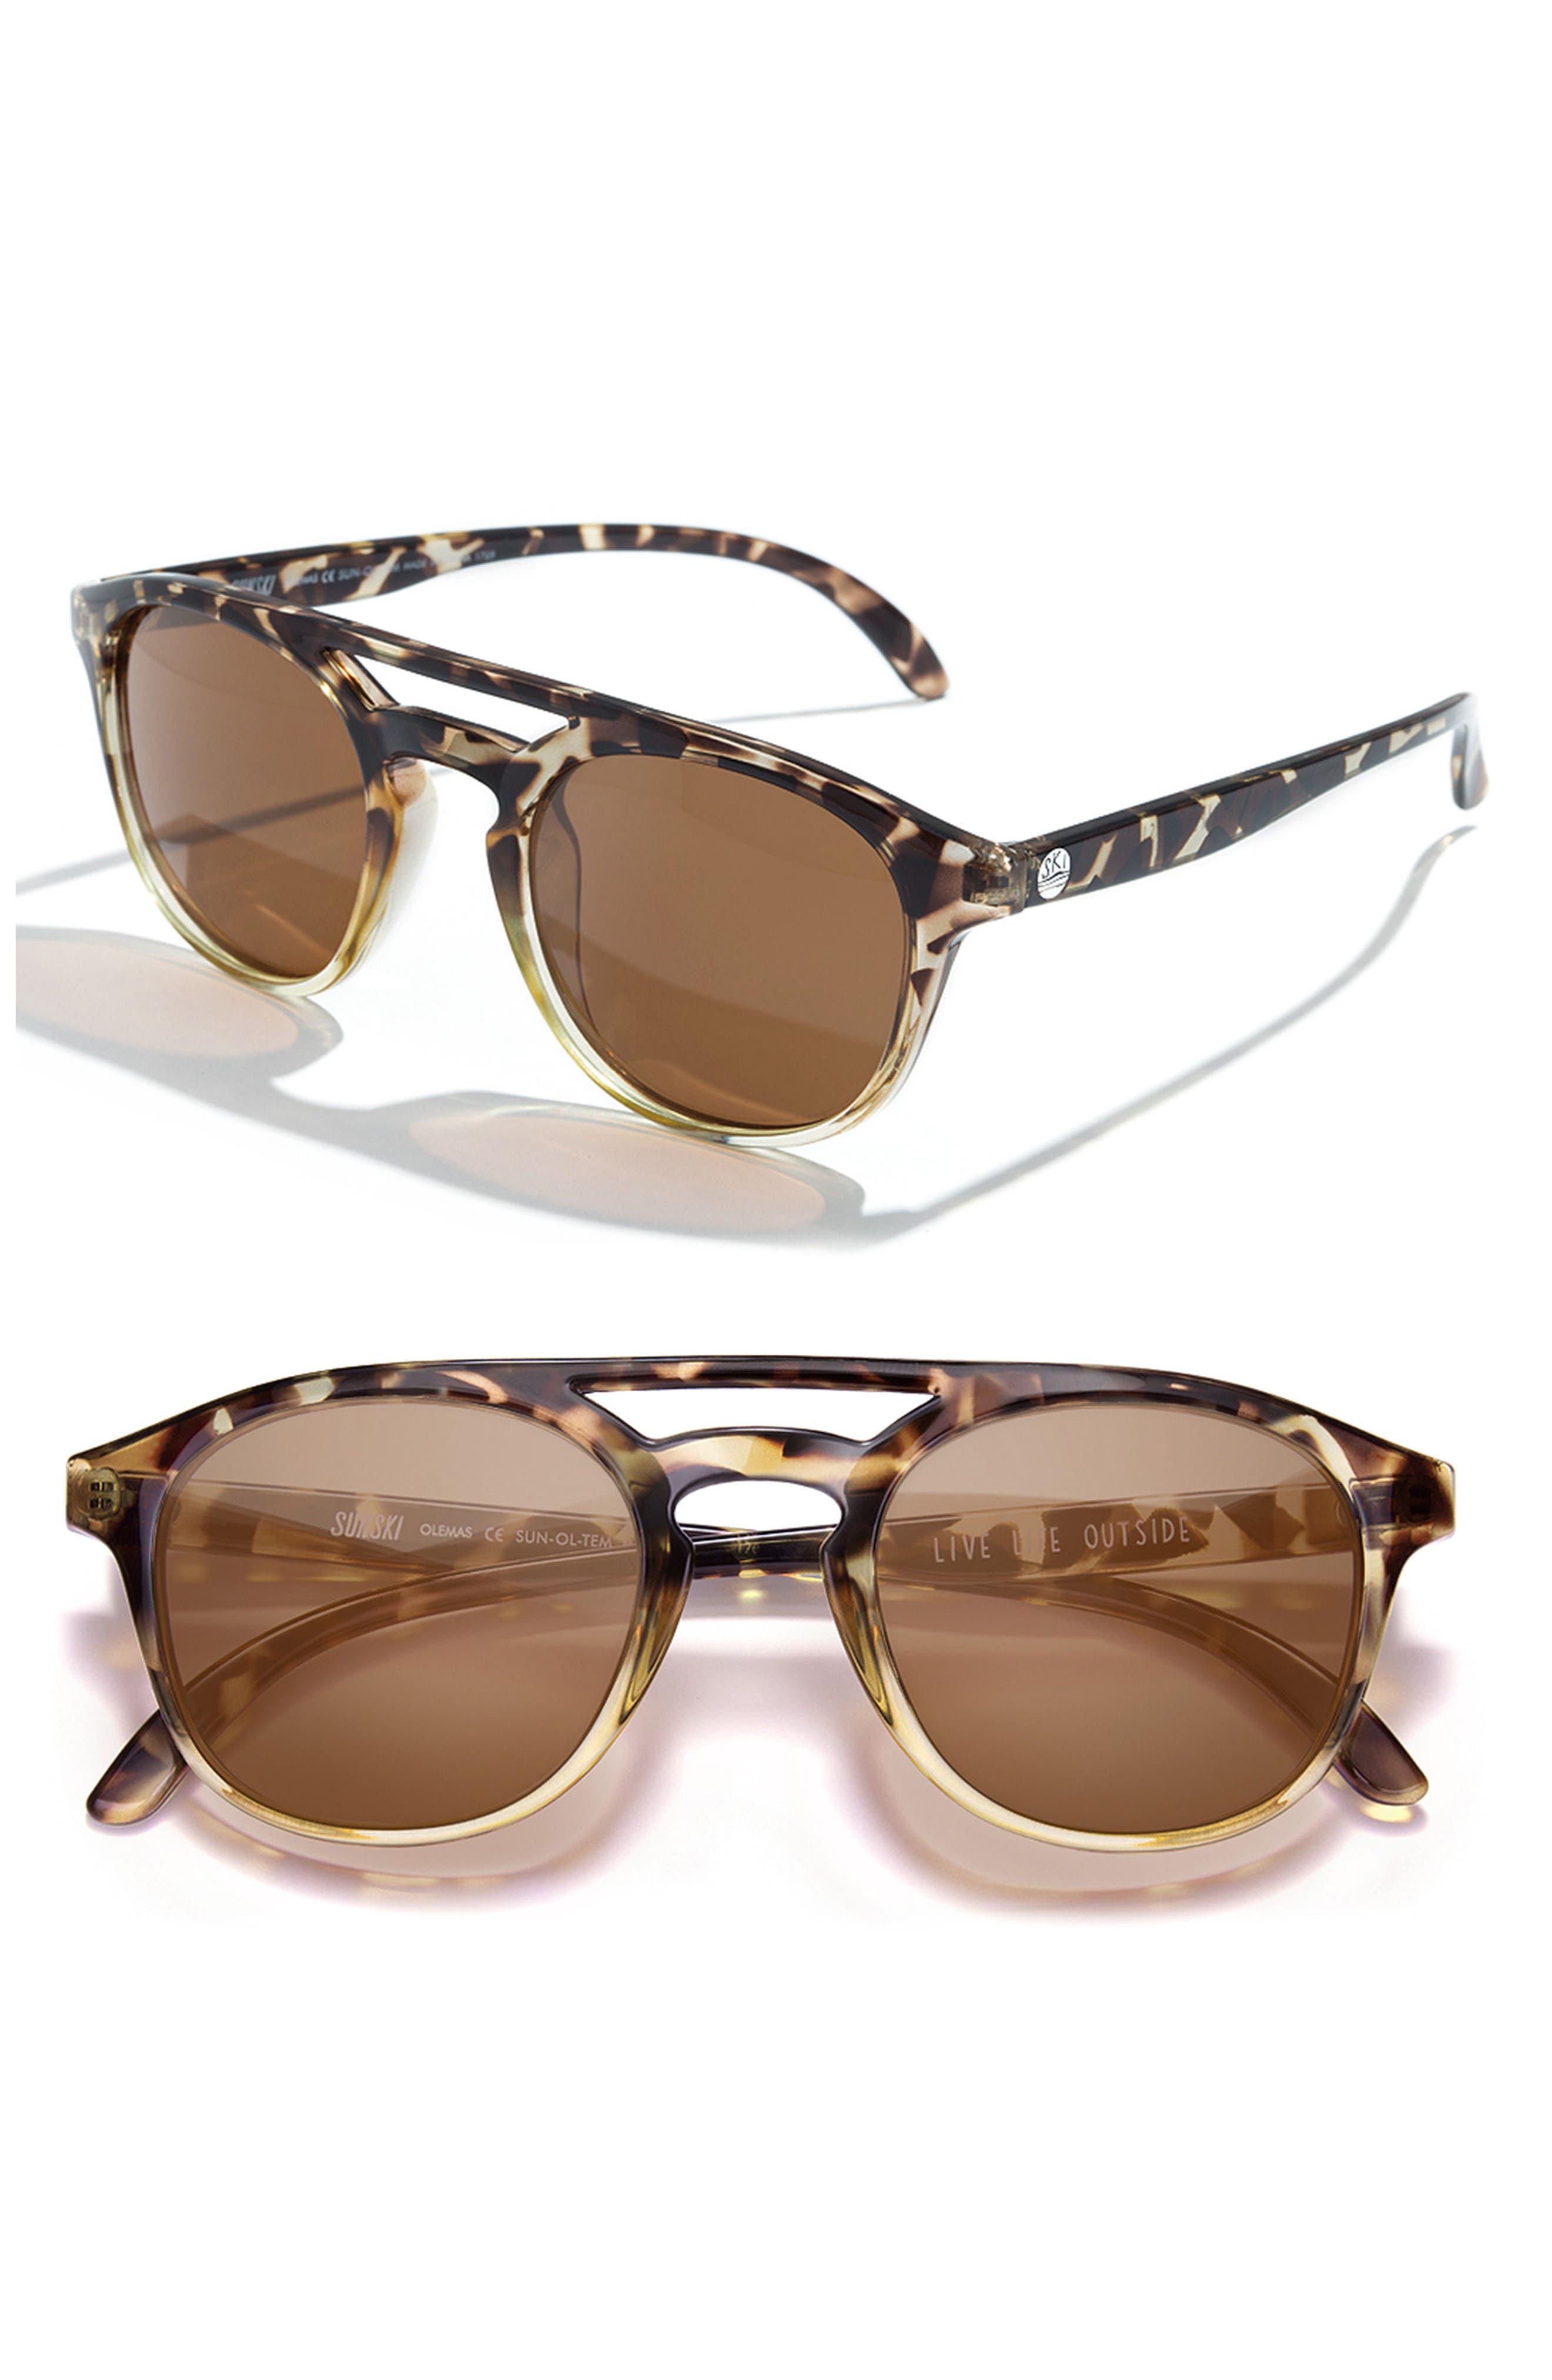 6c9ed29e832 Sunski Sunglasses for Women